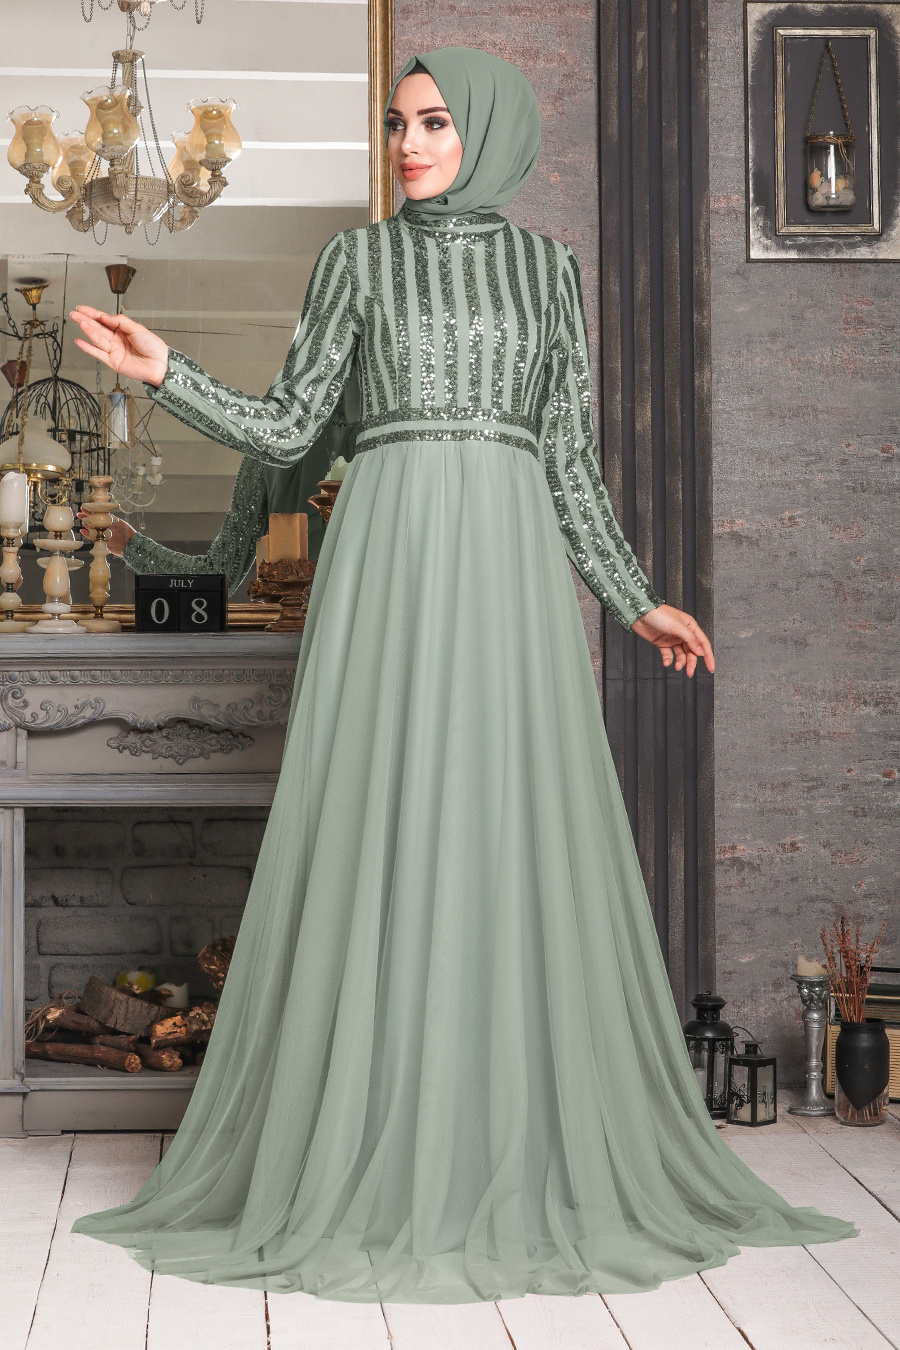 Tesettürlü Abiye Elbise - Pul Payetli Mint Tesettür Abiye Elbise 5338MINT